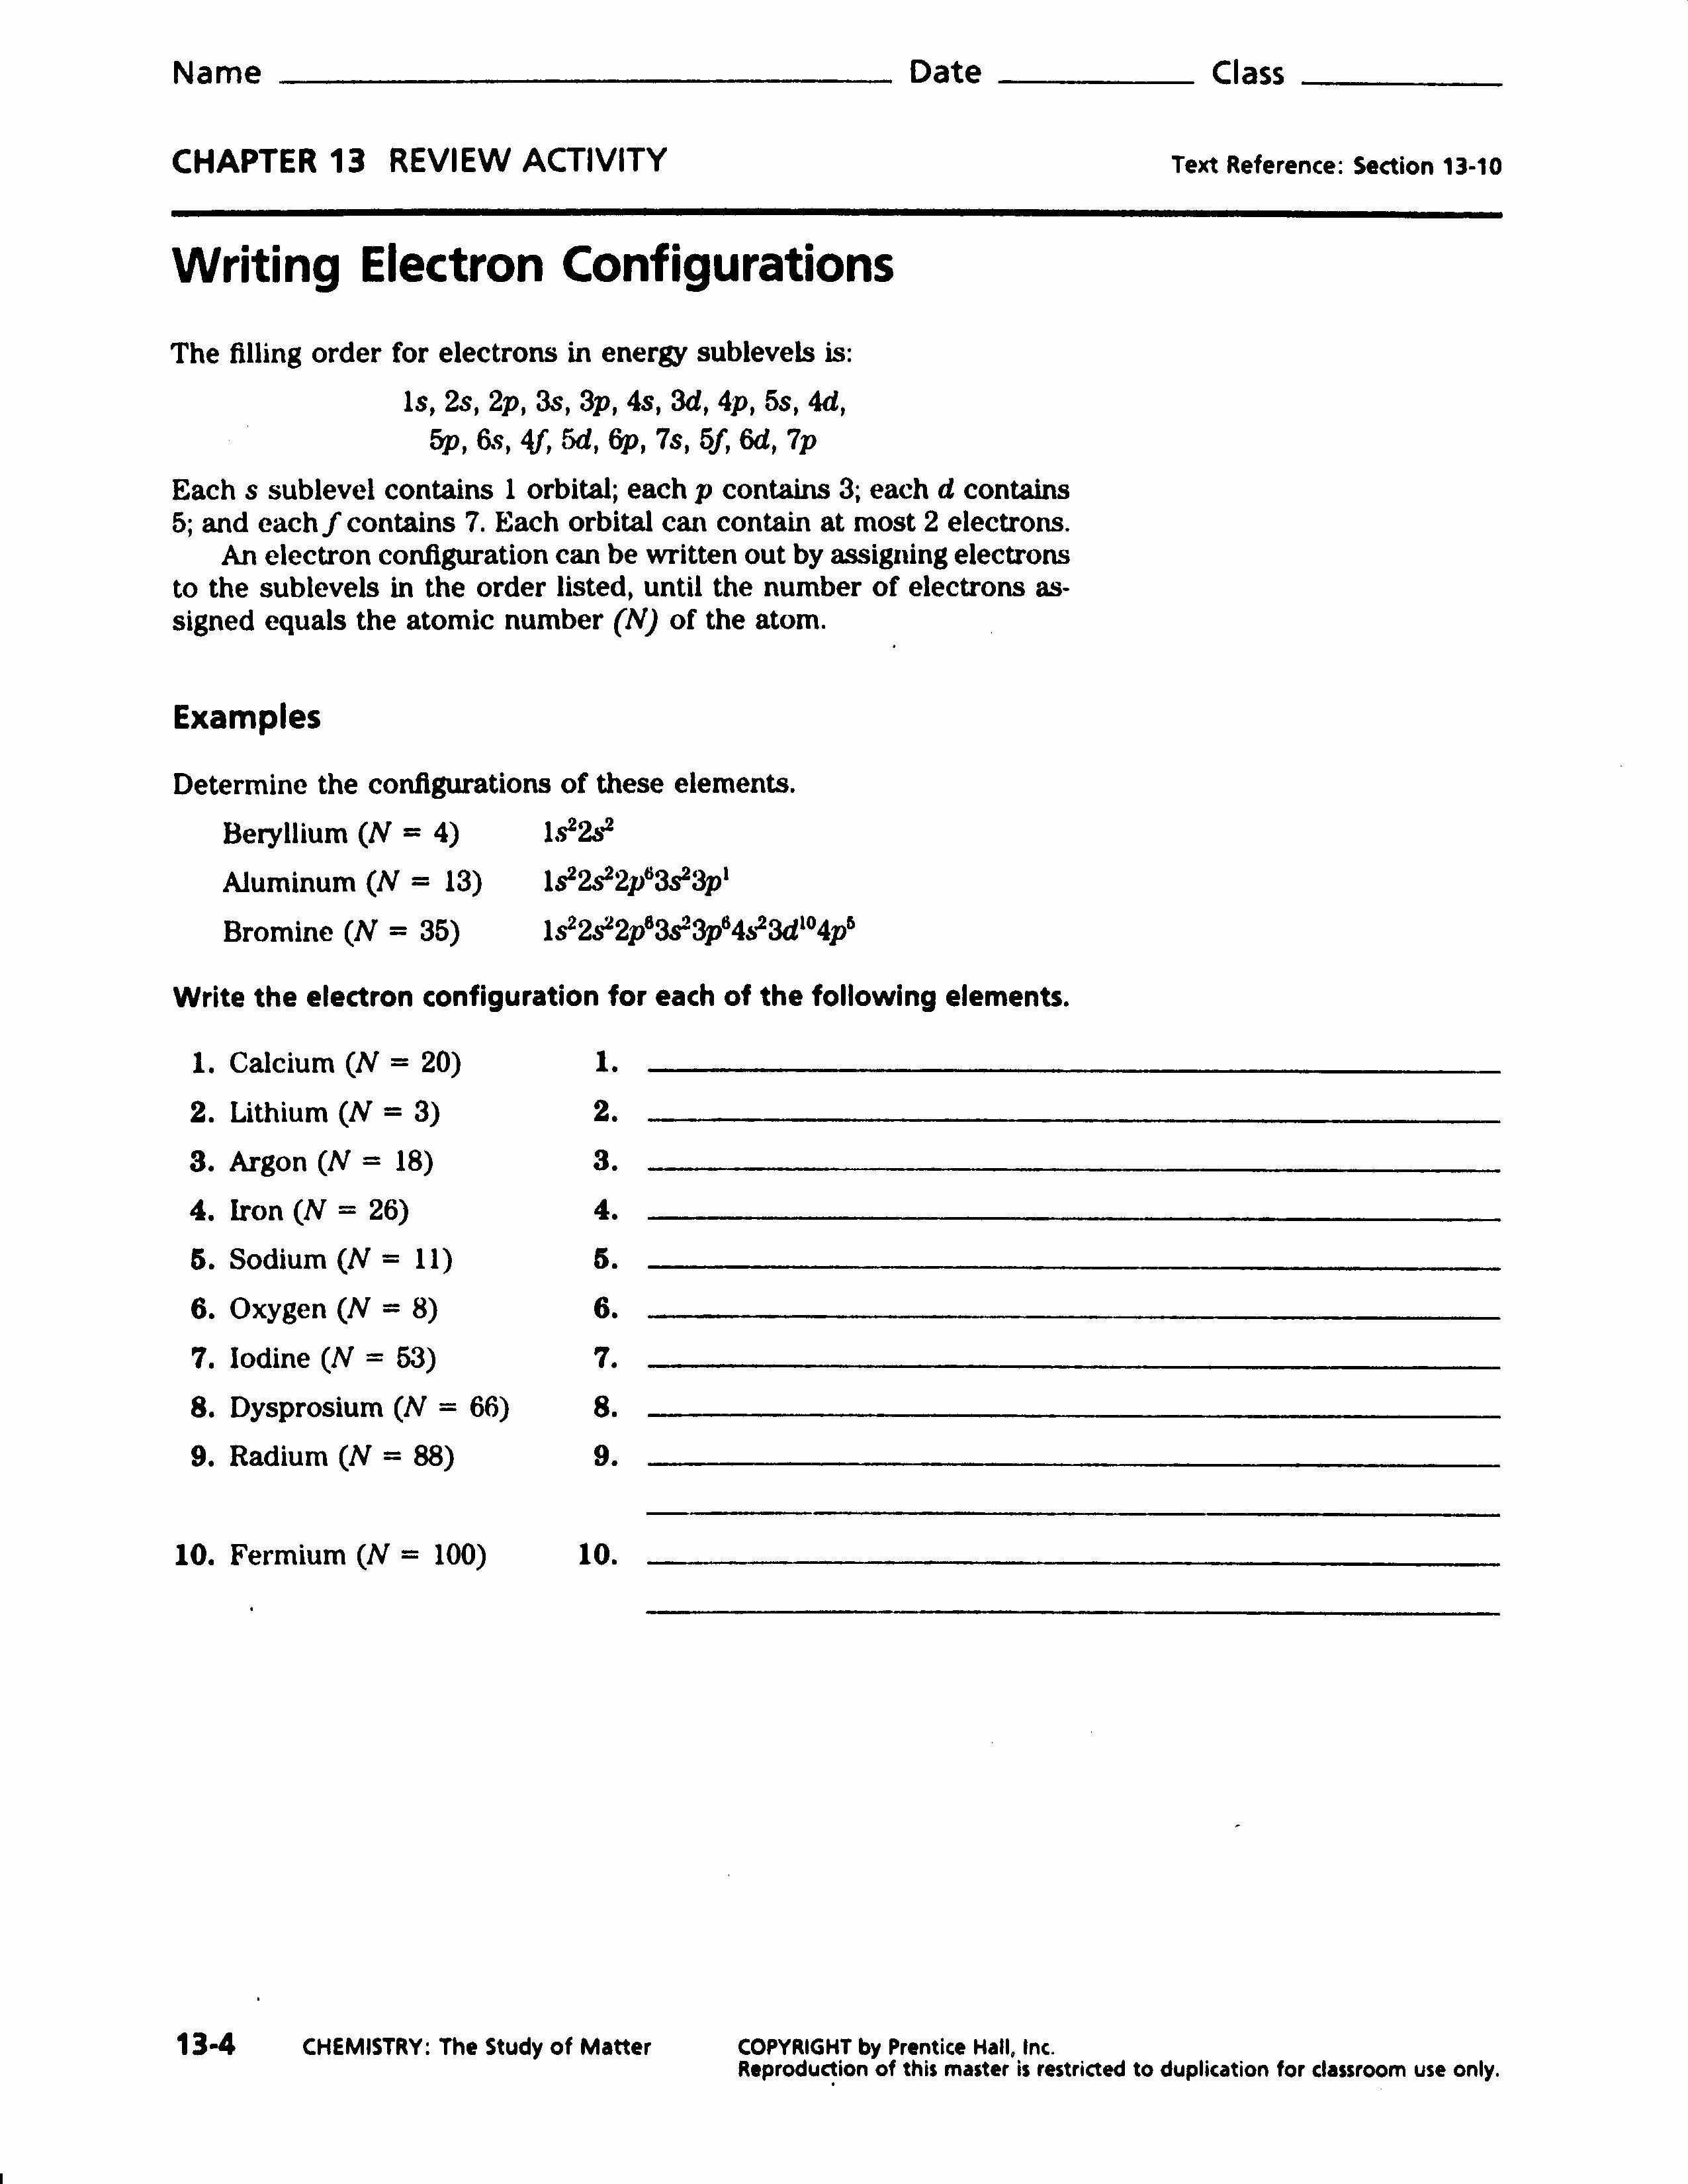 Electron Configuration Worksheet Answers Key New Electron Configuration Worksheet Answers Part A